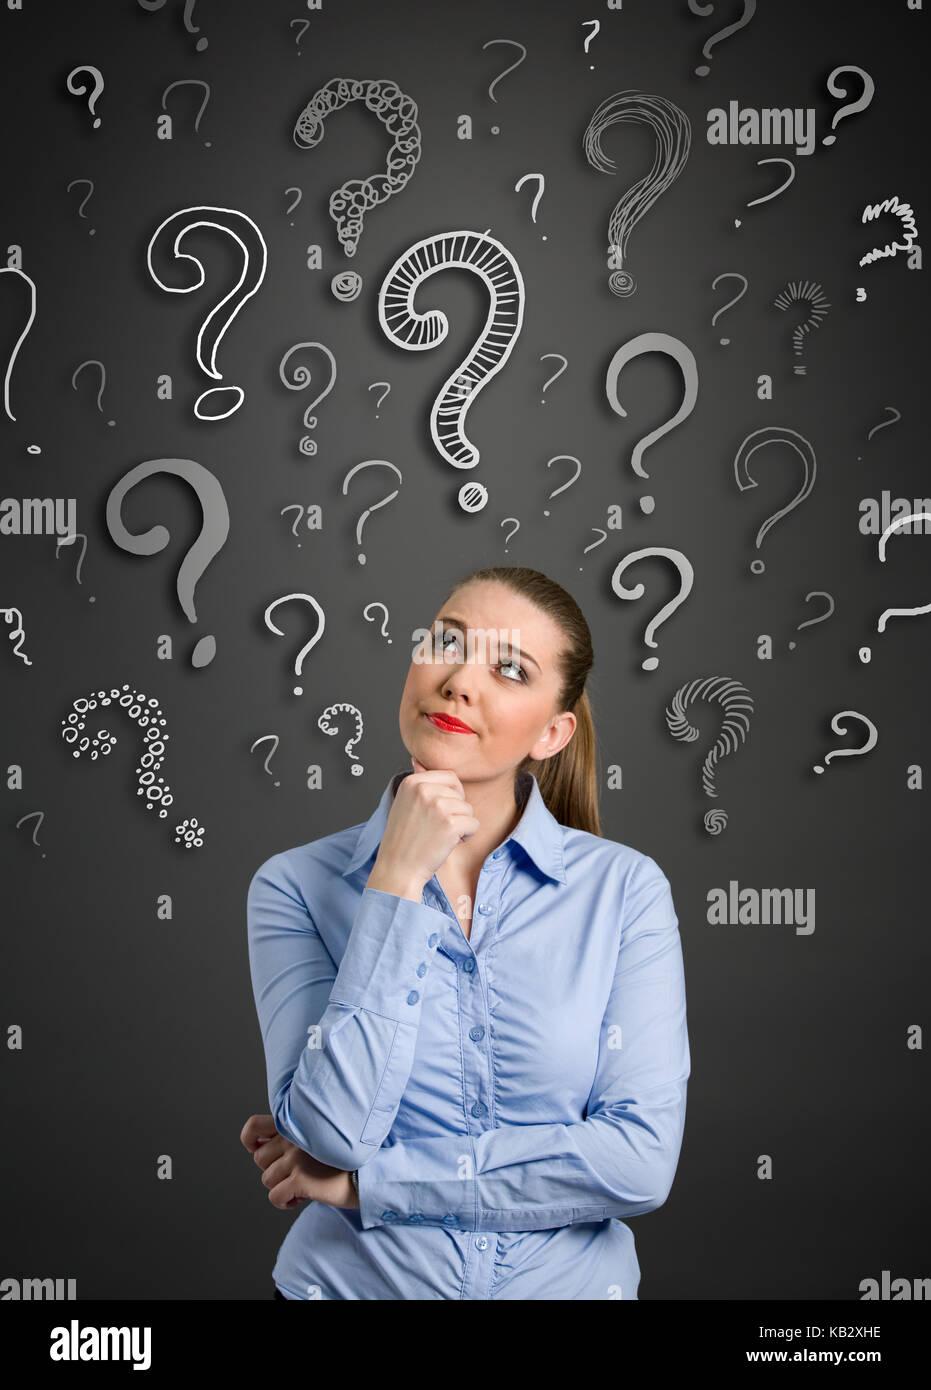 Belle femme avec l'expression en question et d'interrogation au-dessus de sa tête Photo Stock